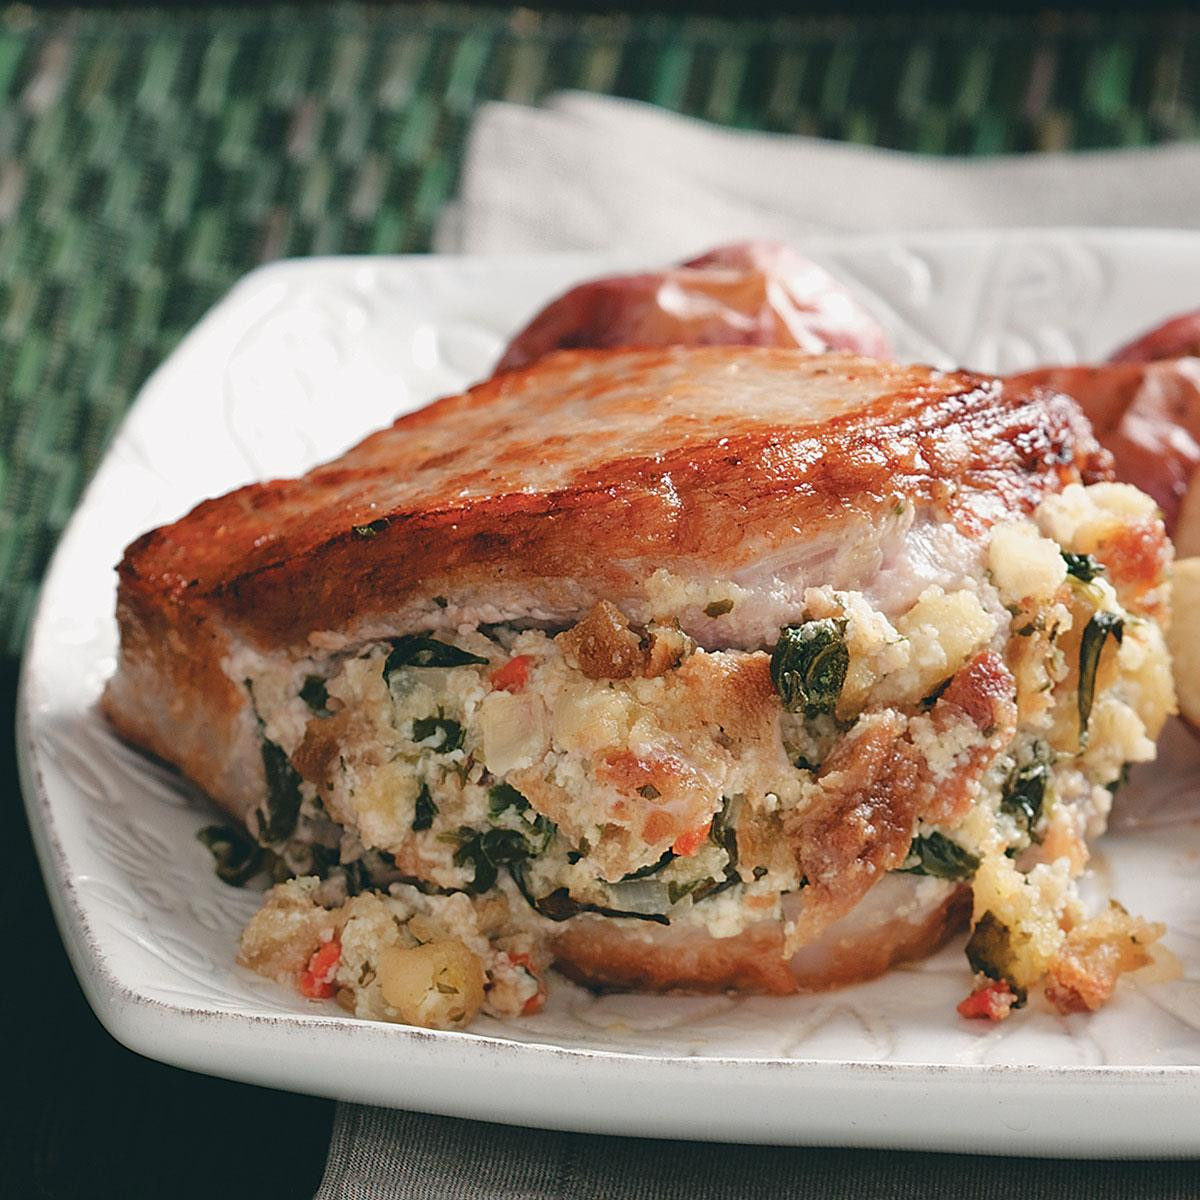 Stuffed Pork Chops Recipe  Savory Stuffed Pork Chops Recipe